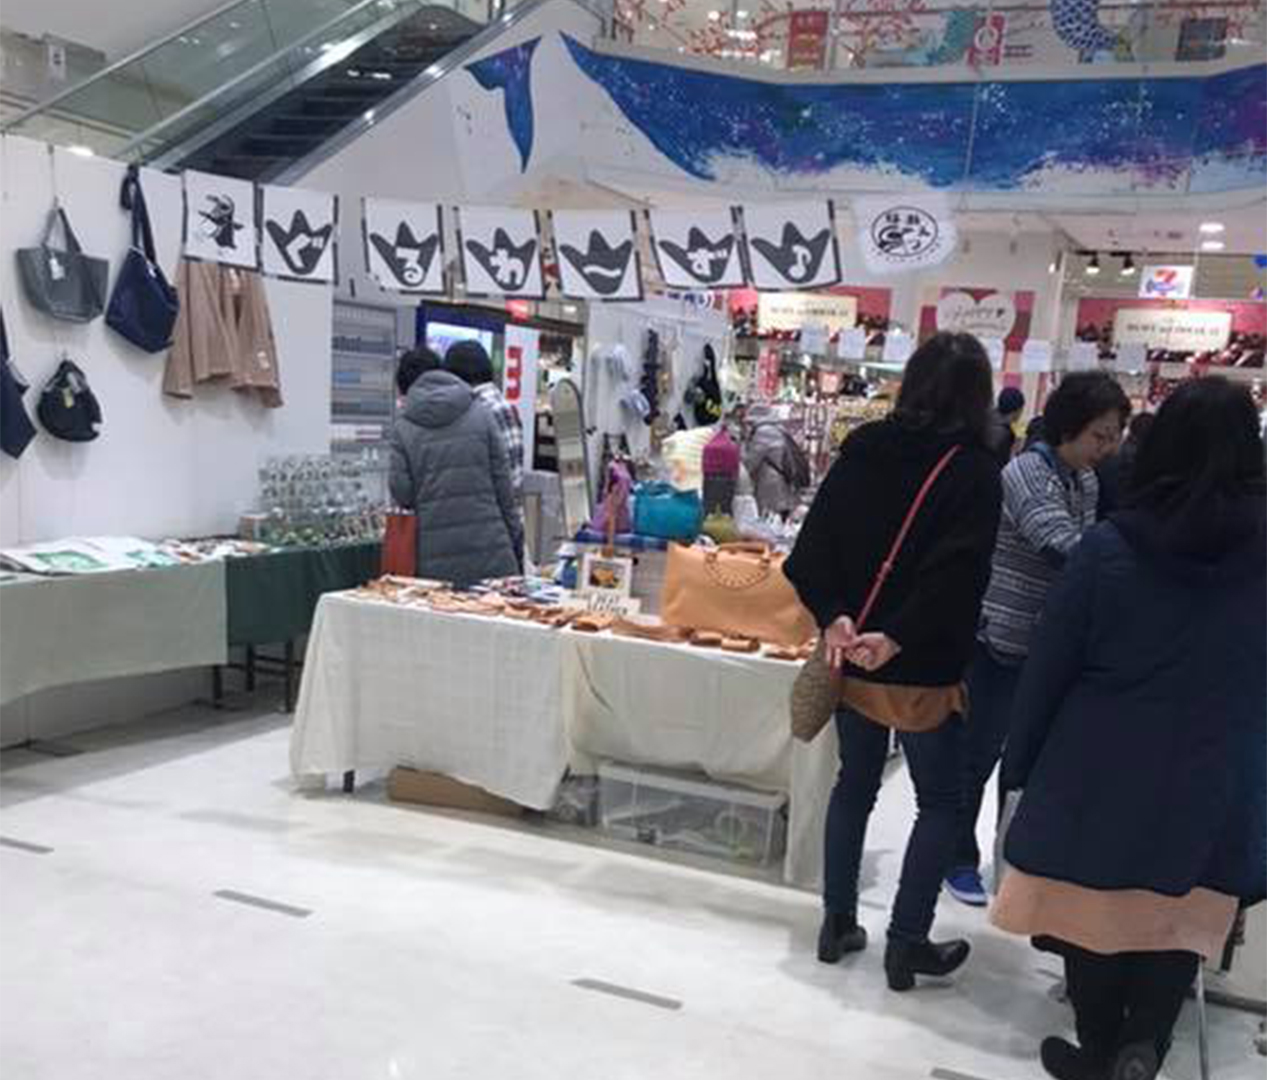 ぐるぐる市2019-7